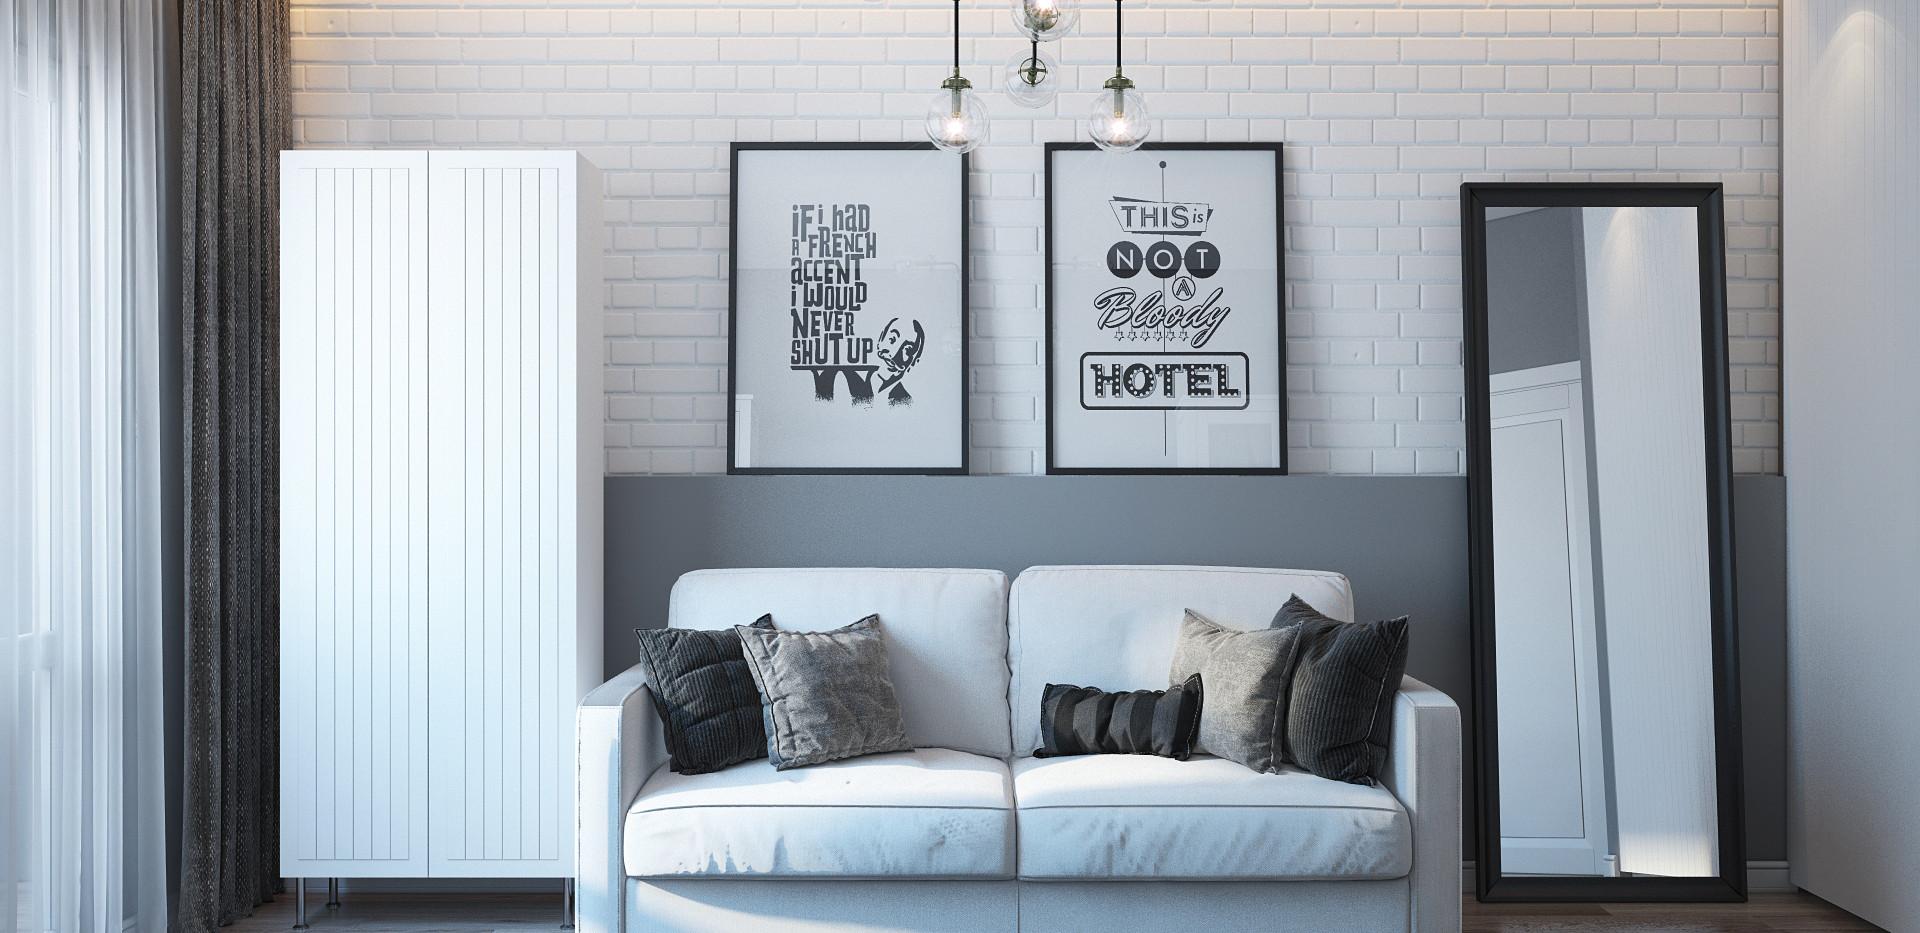 Scandinavian style of room